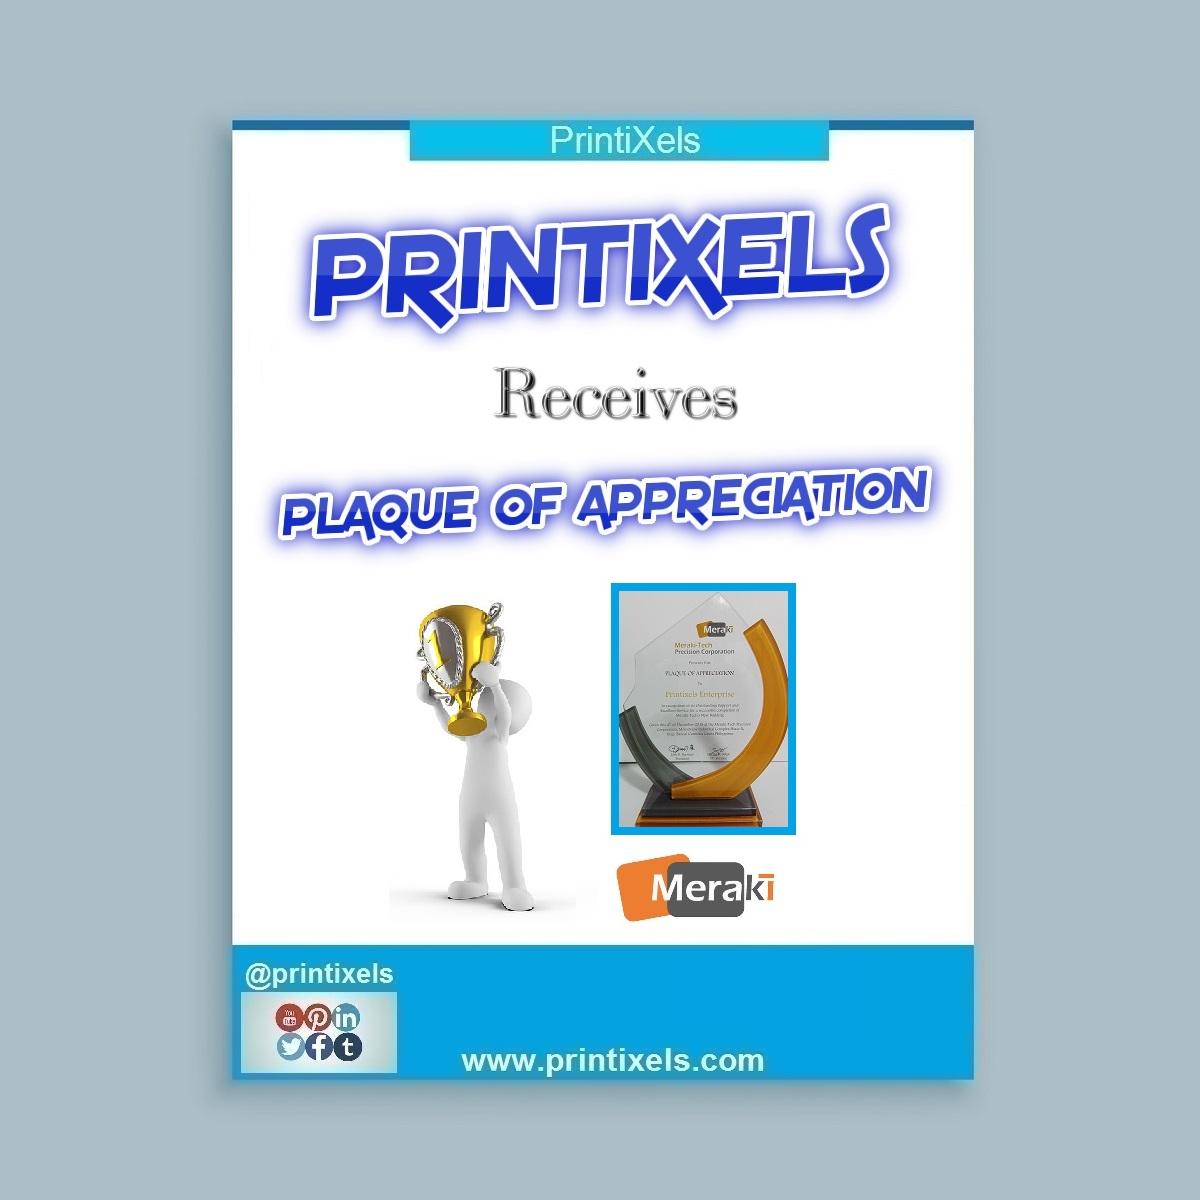 Printixels Receives Plaque of Appreciation